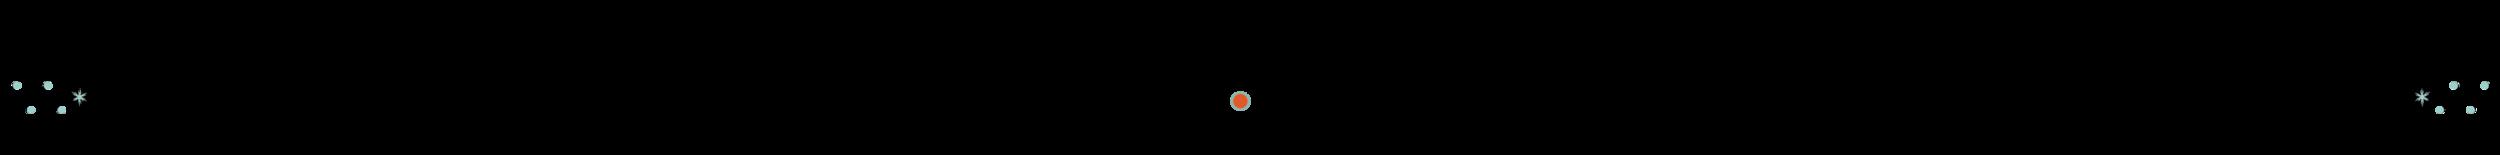 Vera Drmanovski line-04.png